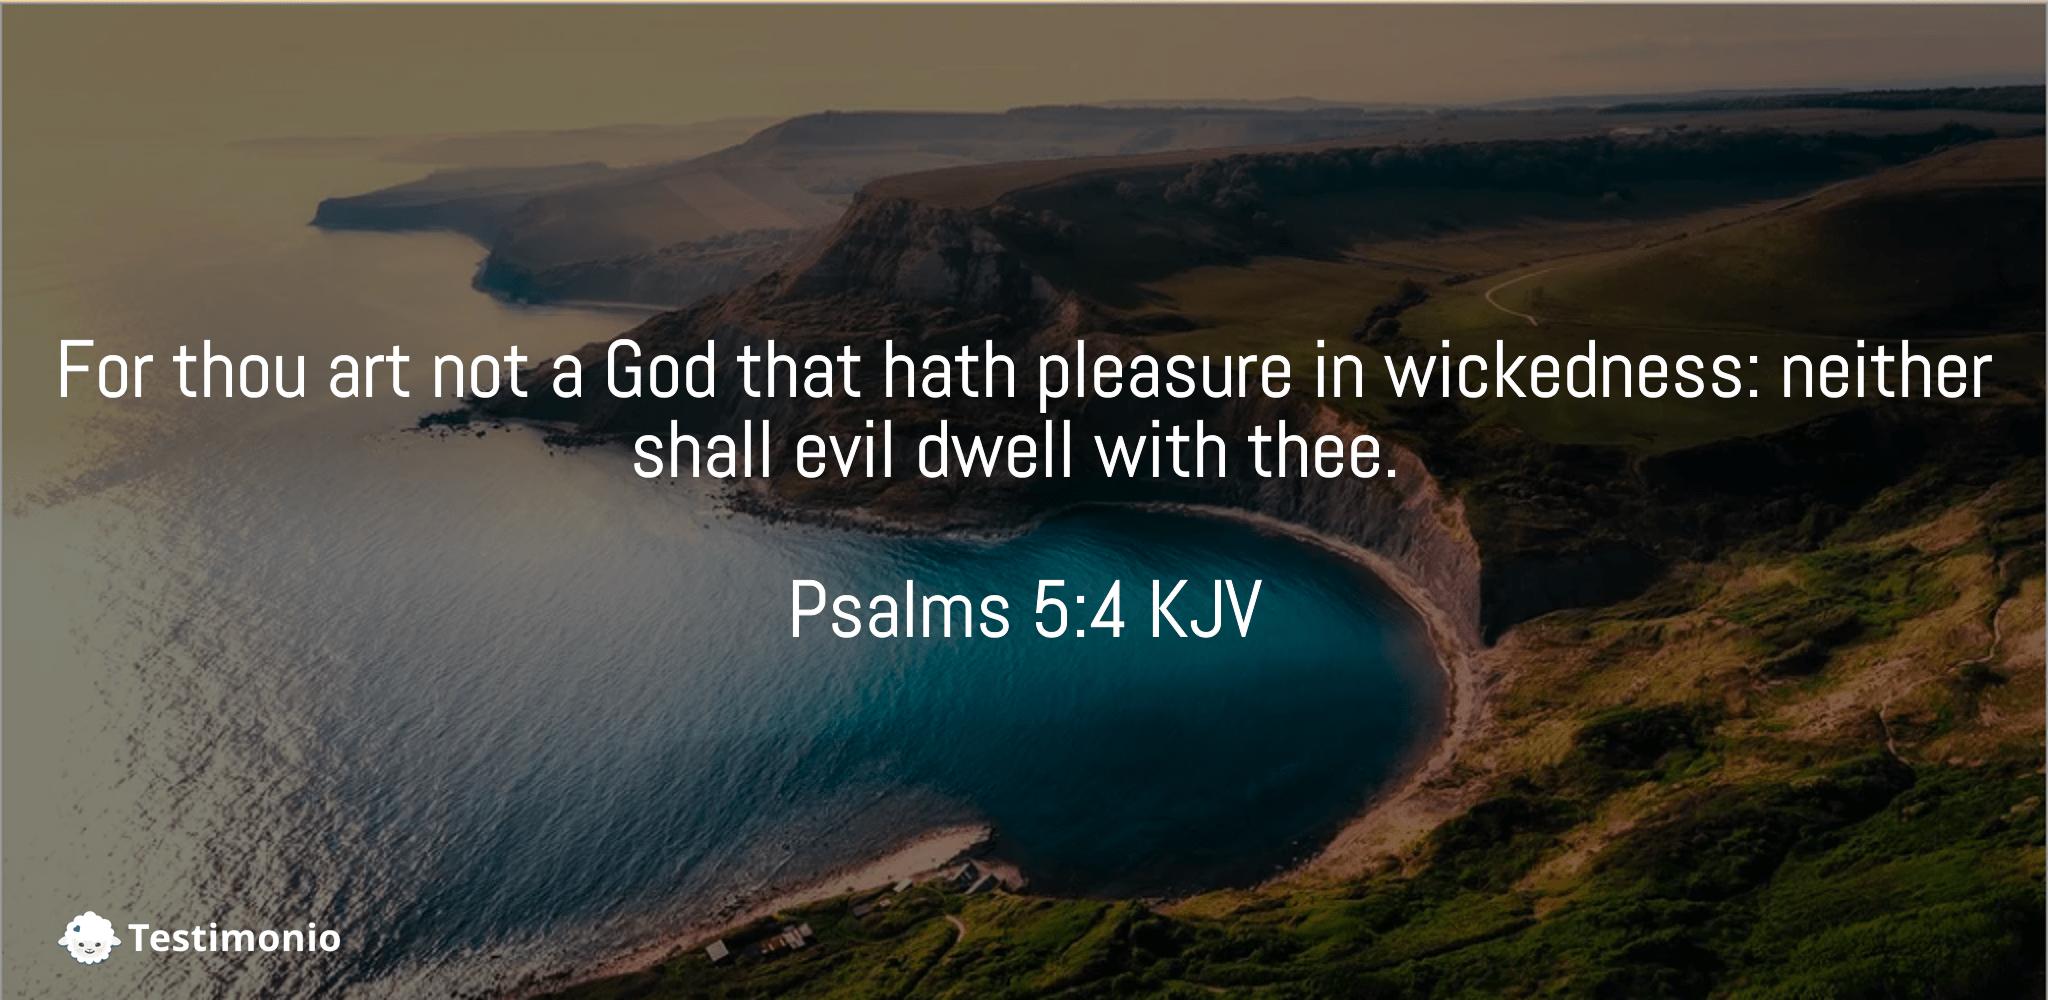 Psalms 5:4